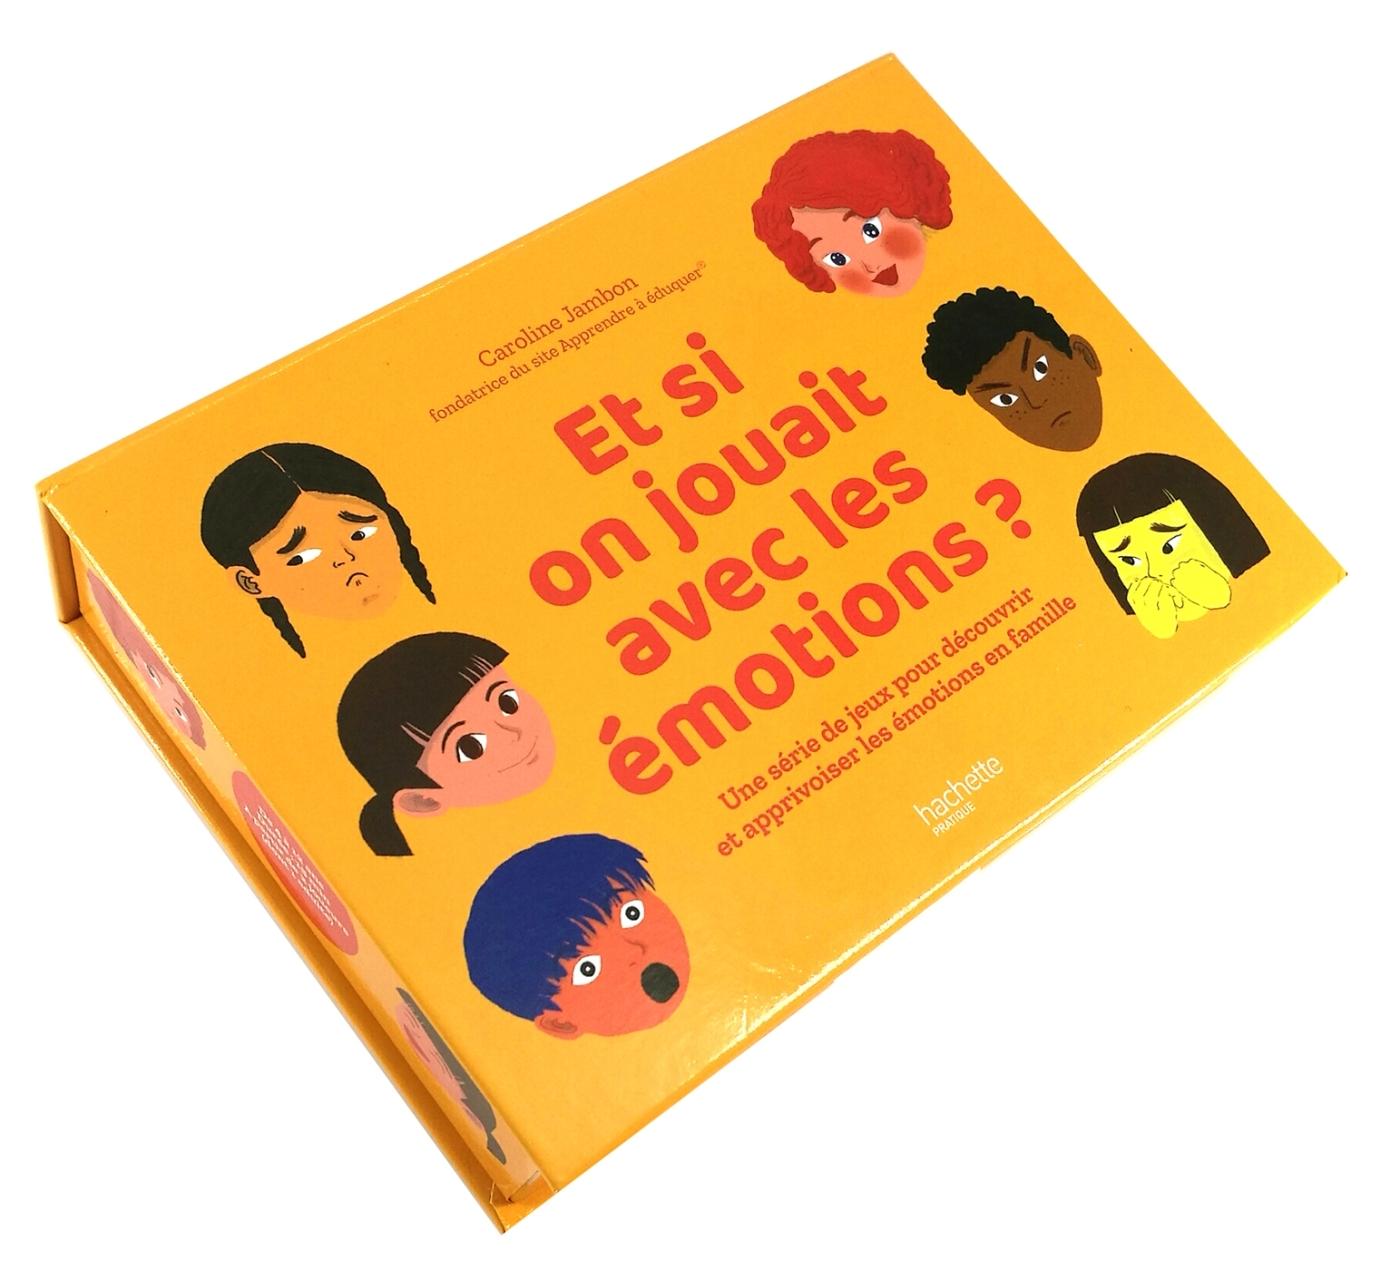 ET SI ON JOUAIT AVEC LES EMOTIONS ? - UNE SERIE DE JEUX POUR DECOUVRIR ET APPRIVOISER LES EMOTIONS